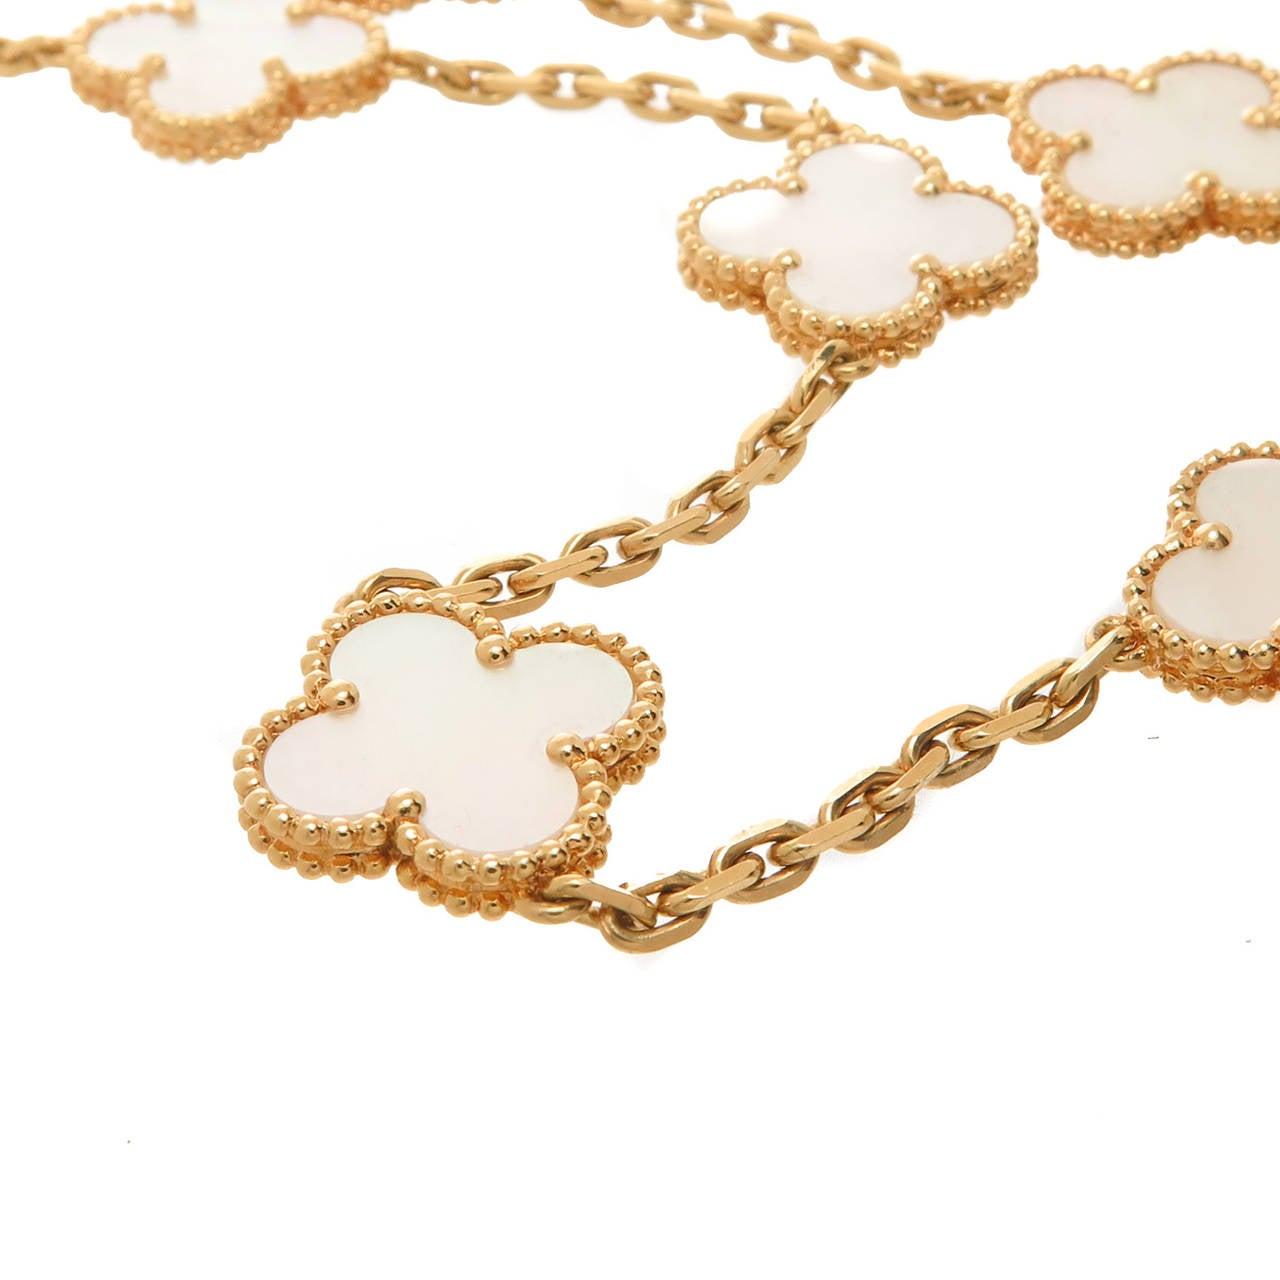 Van Cleef & Arpels Alhambra Ten Motif Mother of Pearl Necklace 2